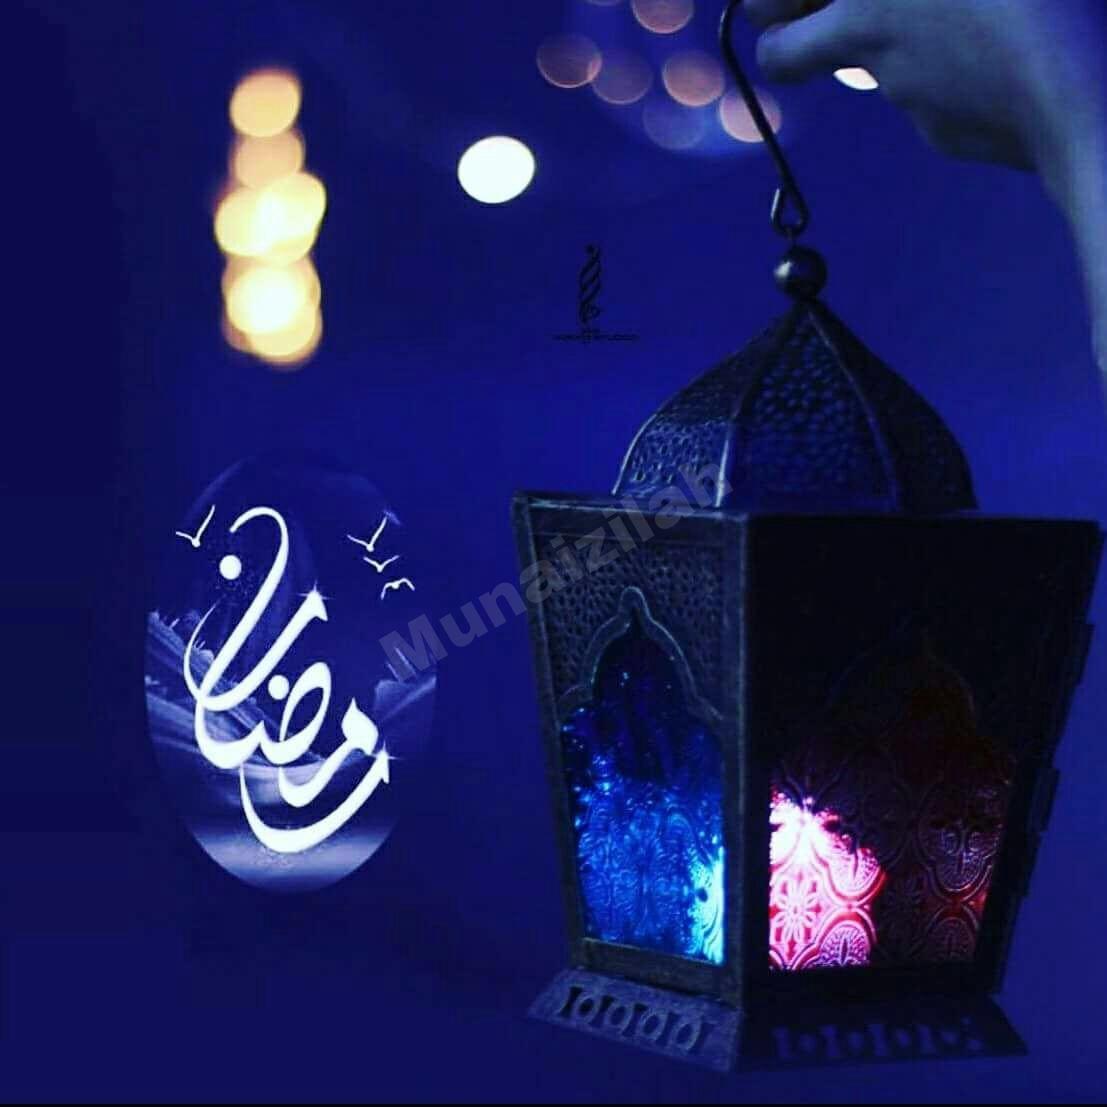 مواعيد القراءة للعشرة الأولى من شهر رمضان